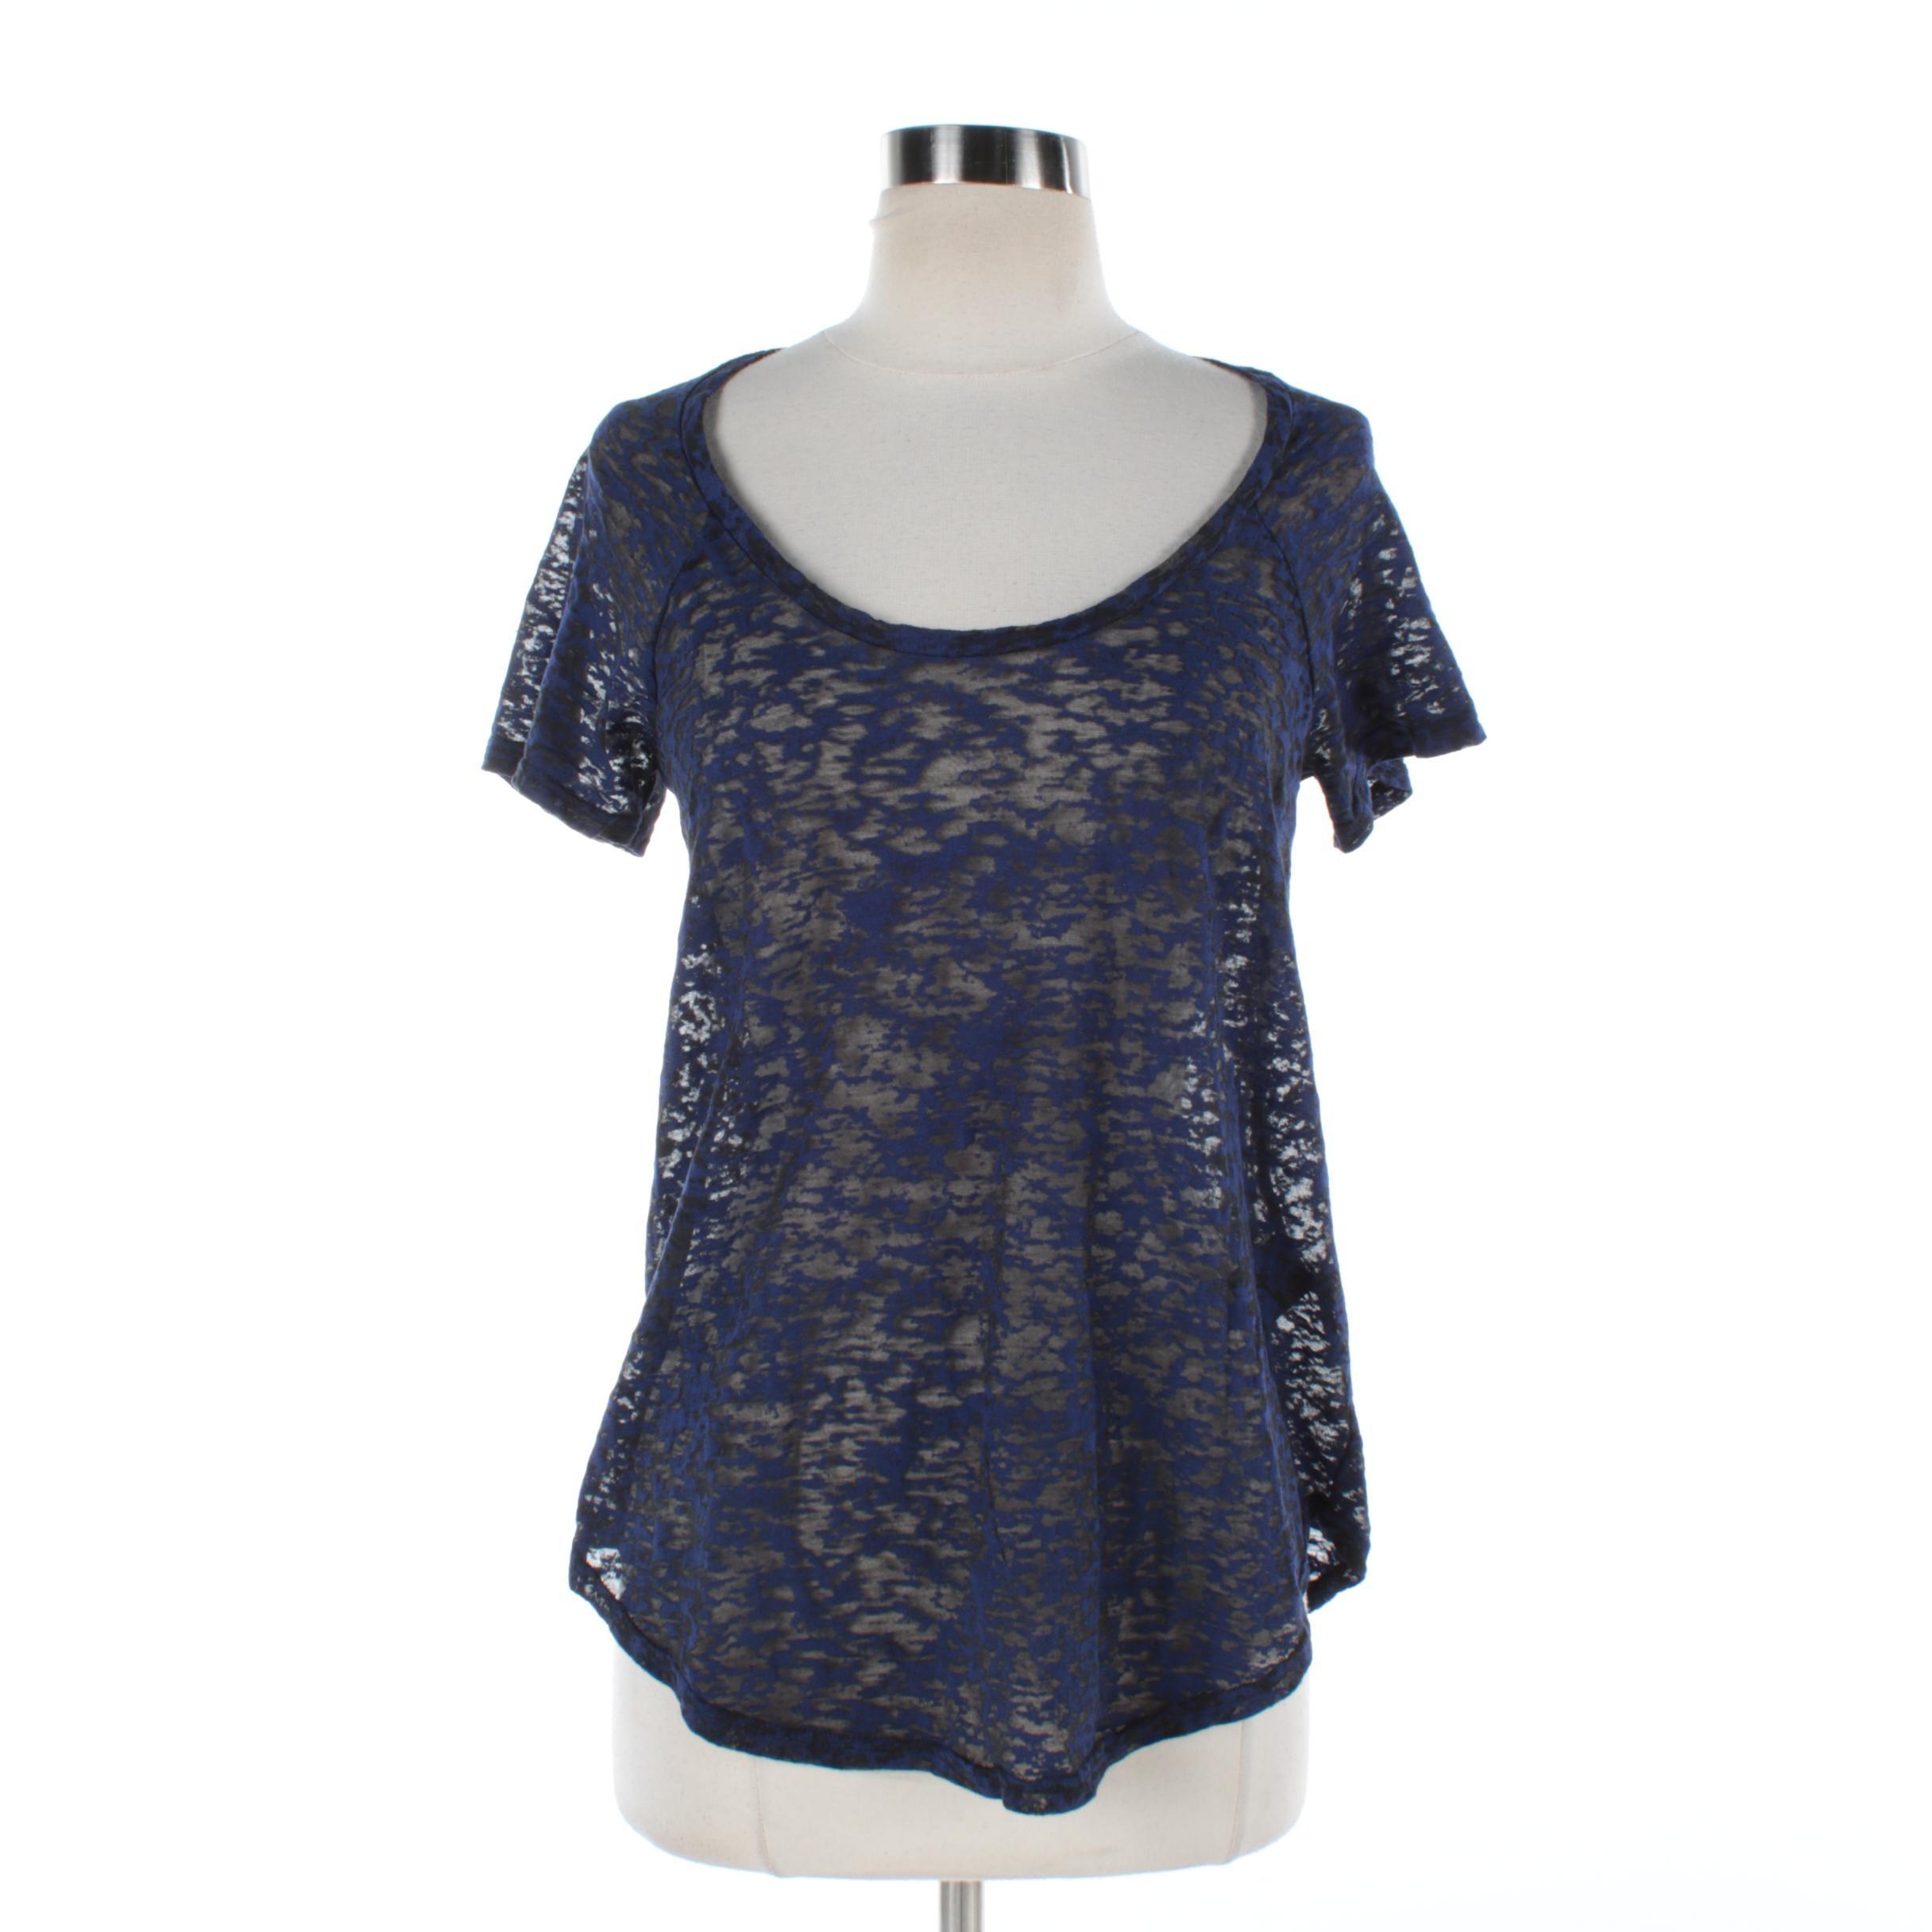 Isabel Marant Etoile Burnout T-shirt